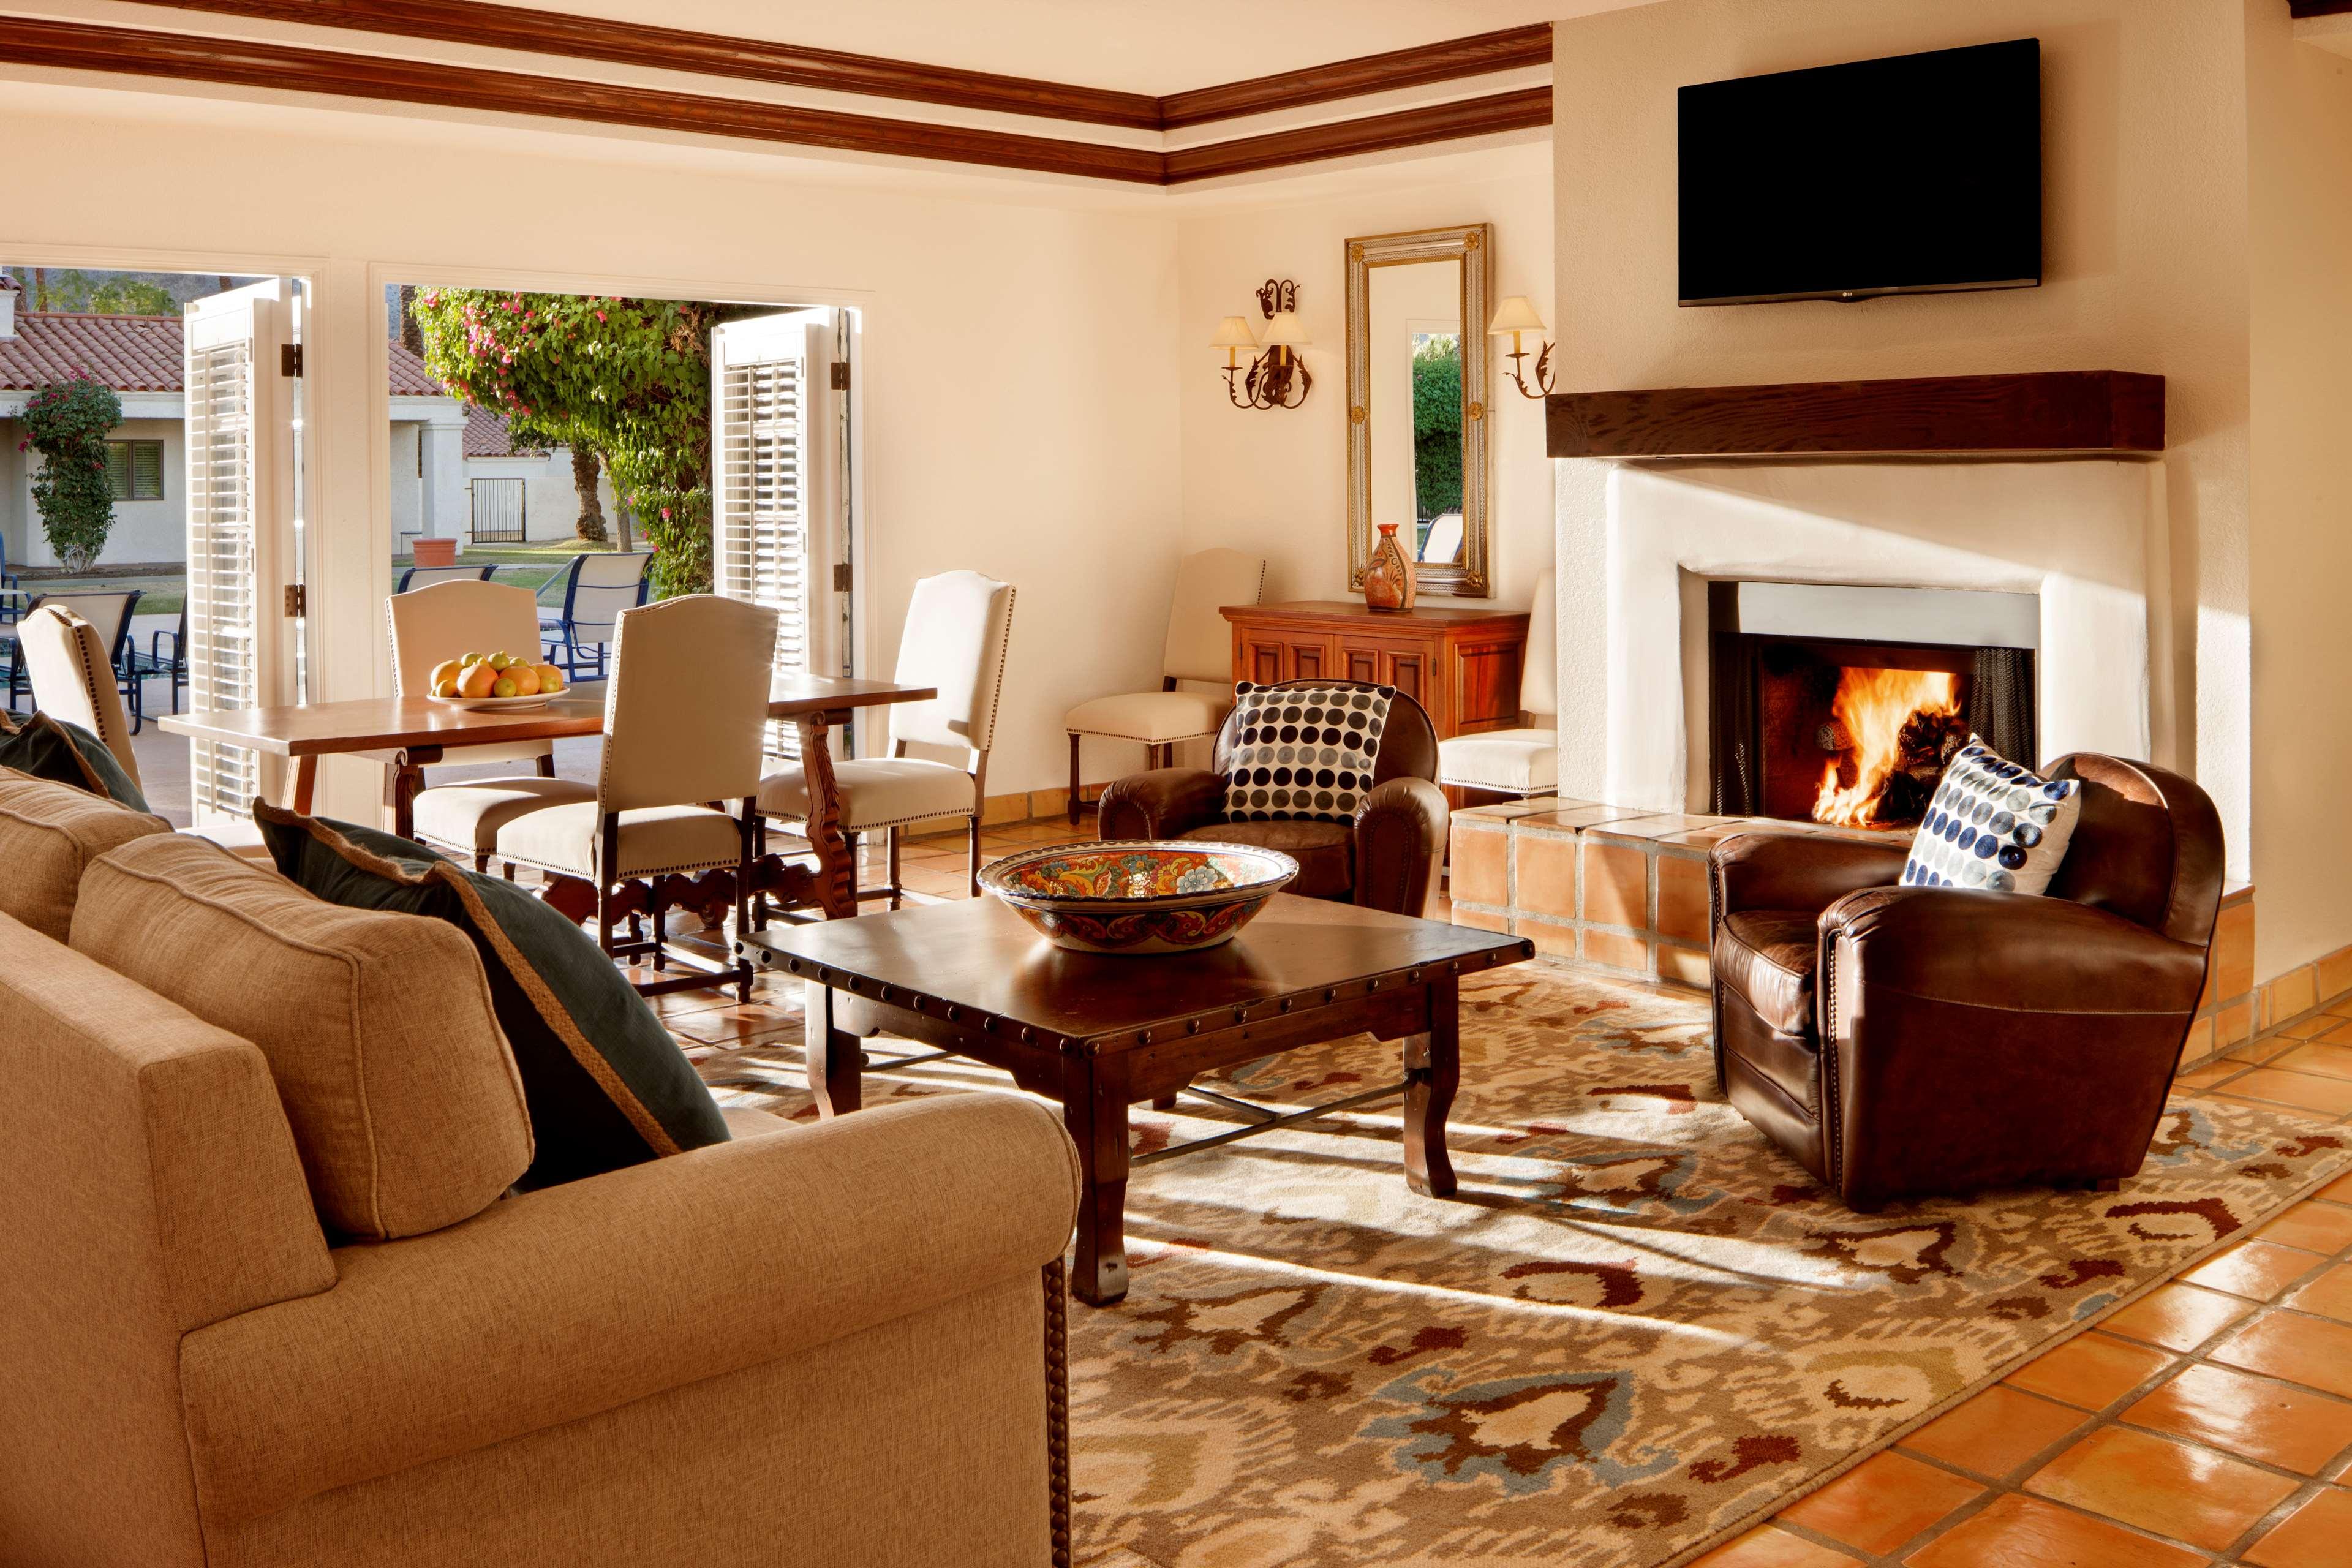 La Quinta Resort & Club, A Waldorf Astoria Resort image 20